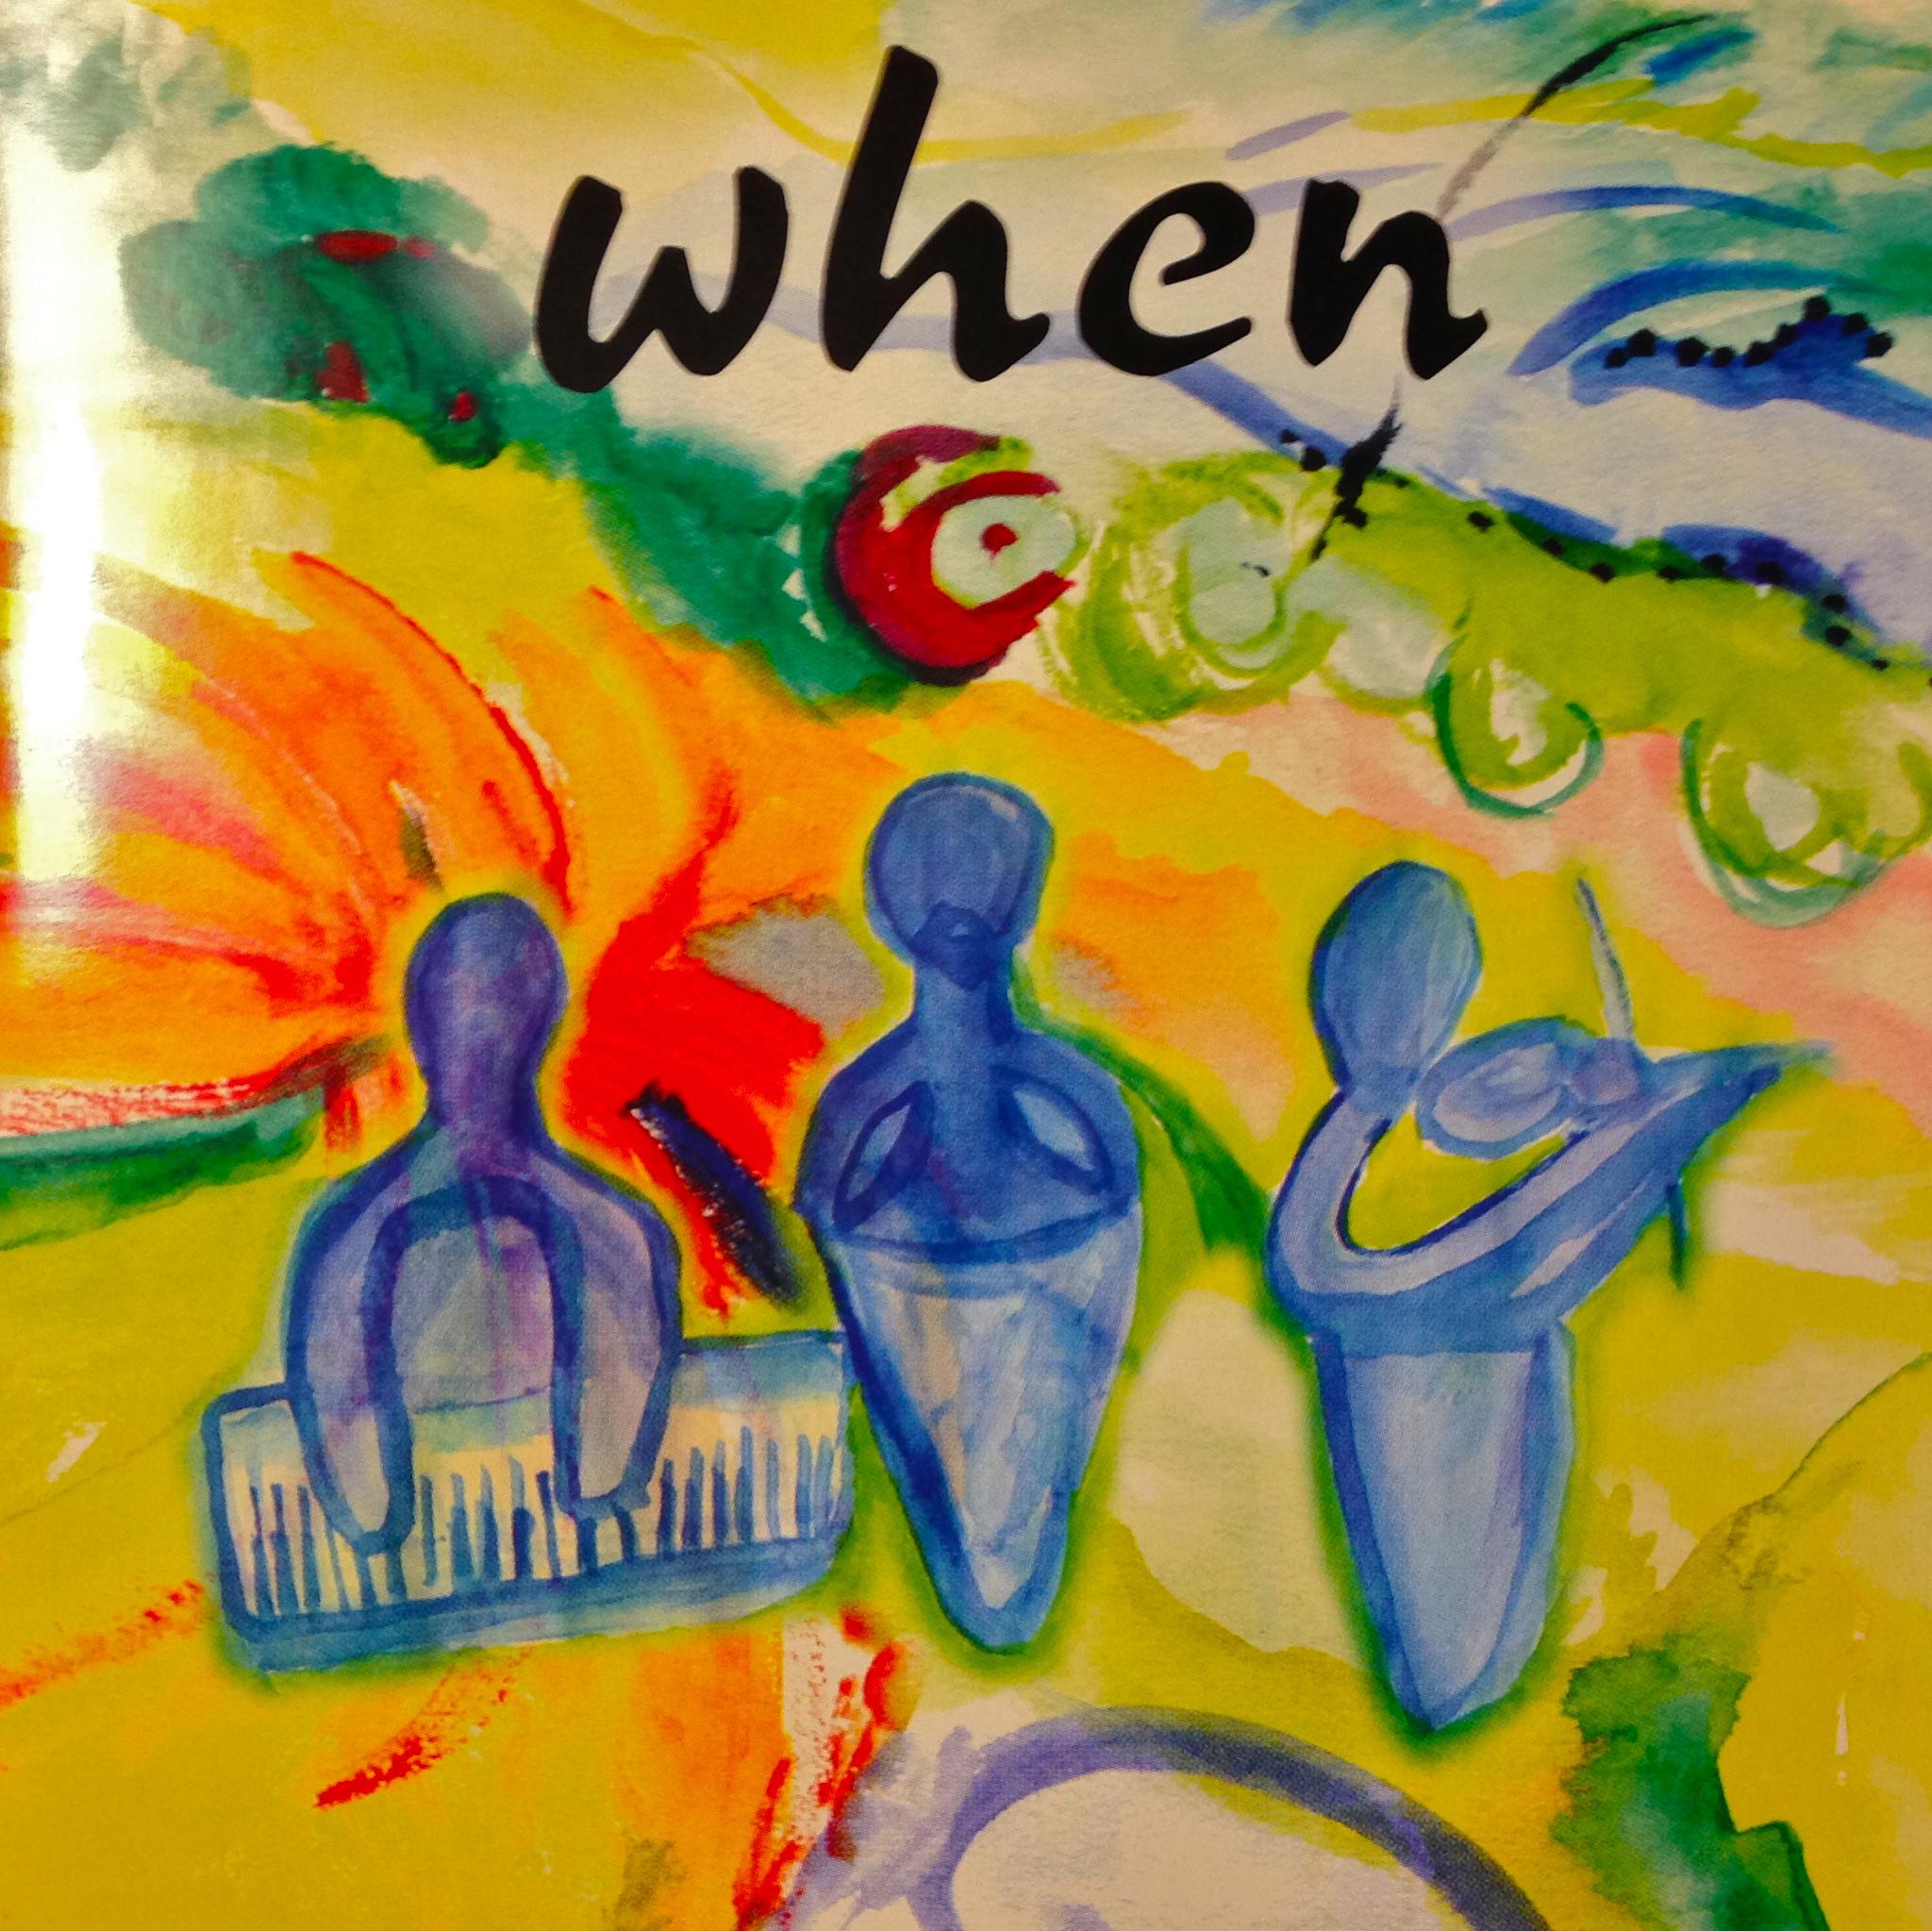 When- When